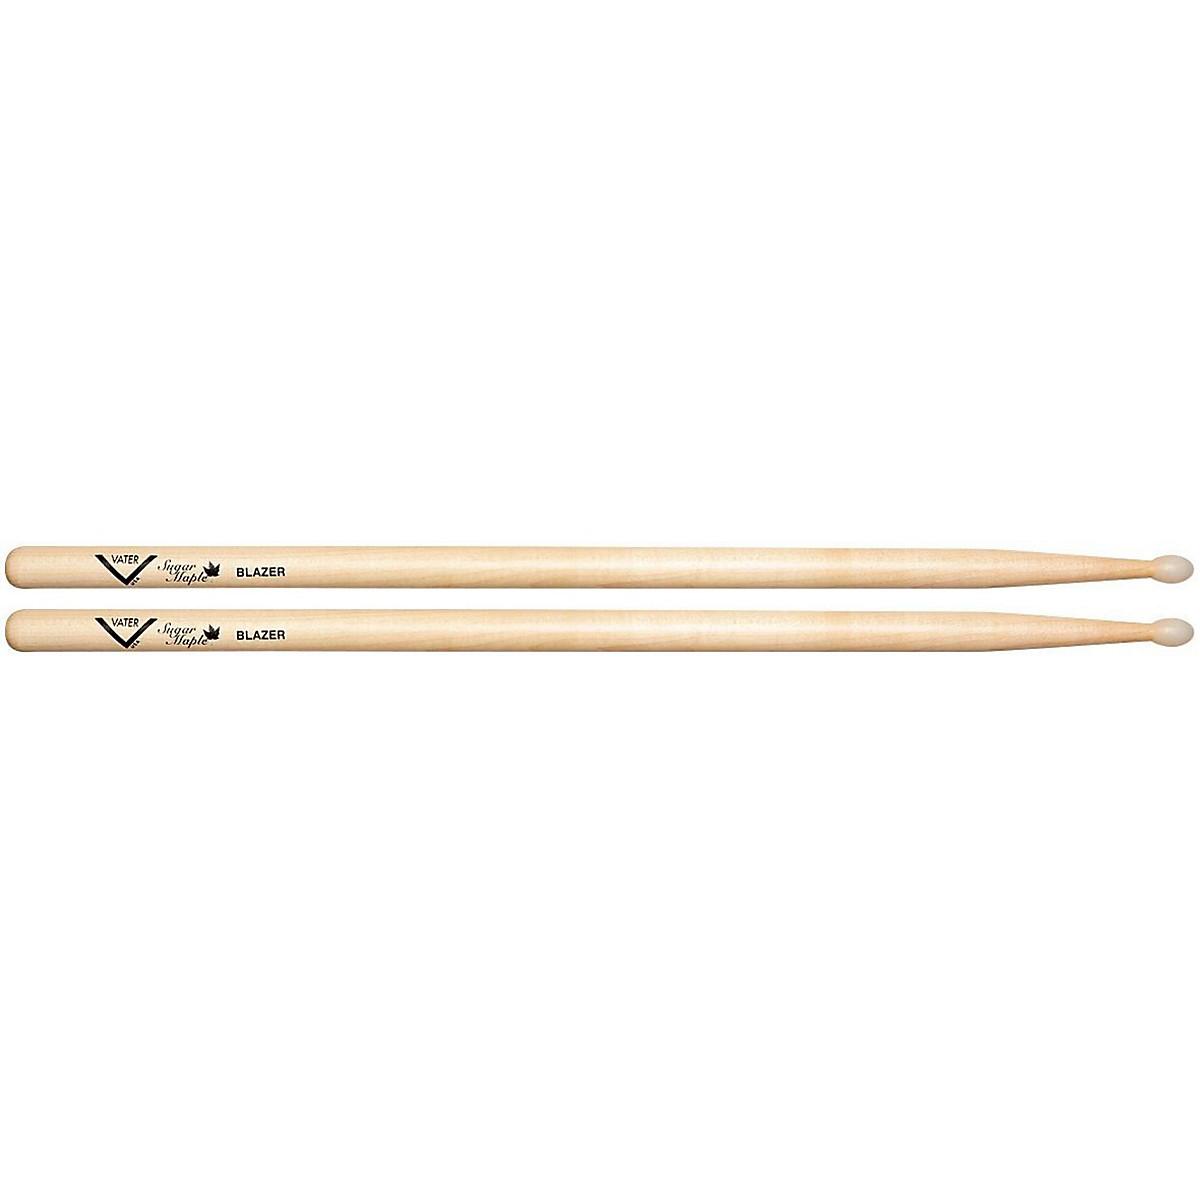 Vater Blazer Sugar Maple Drum Stick